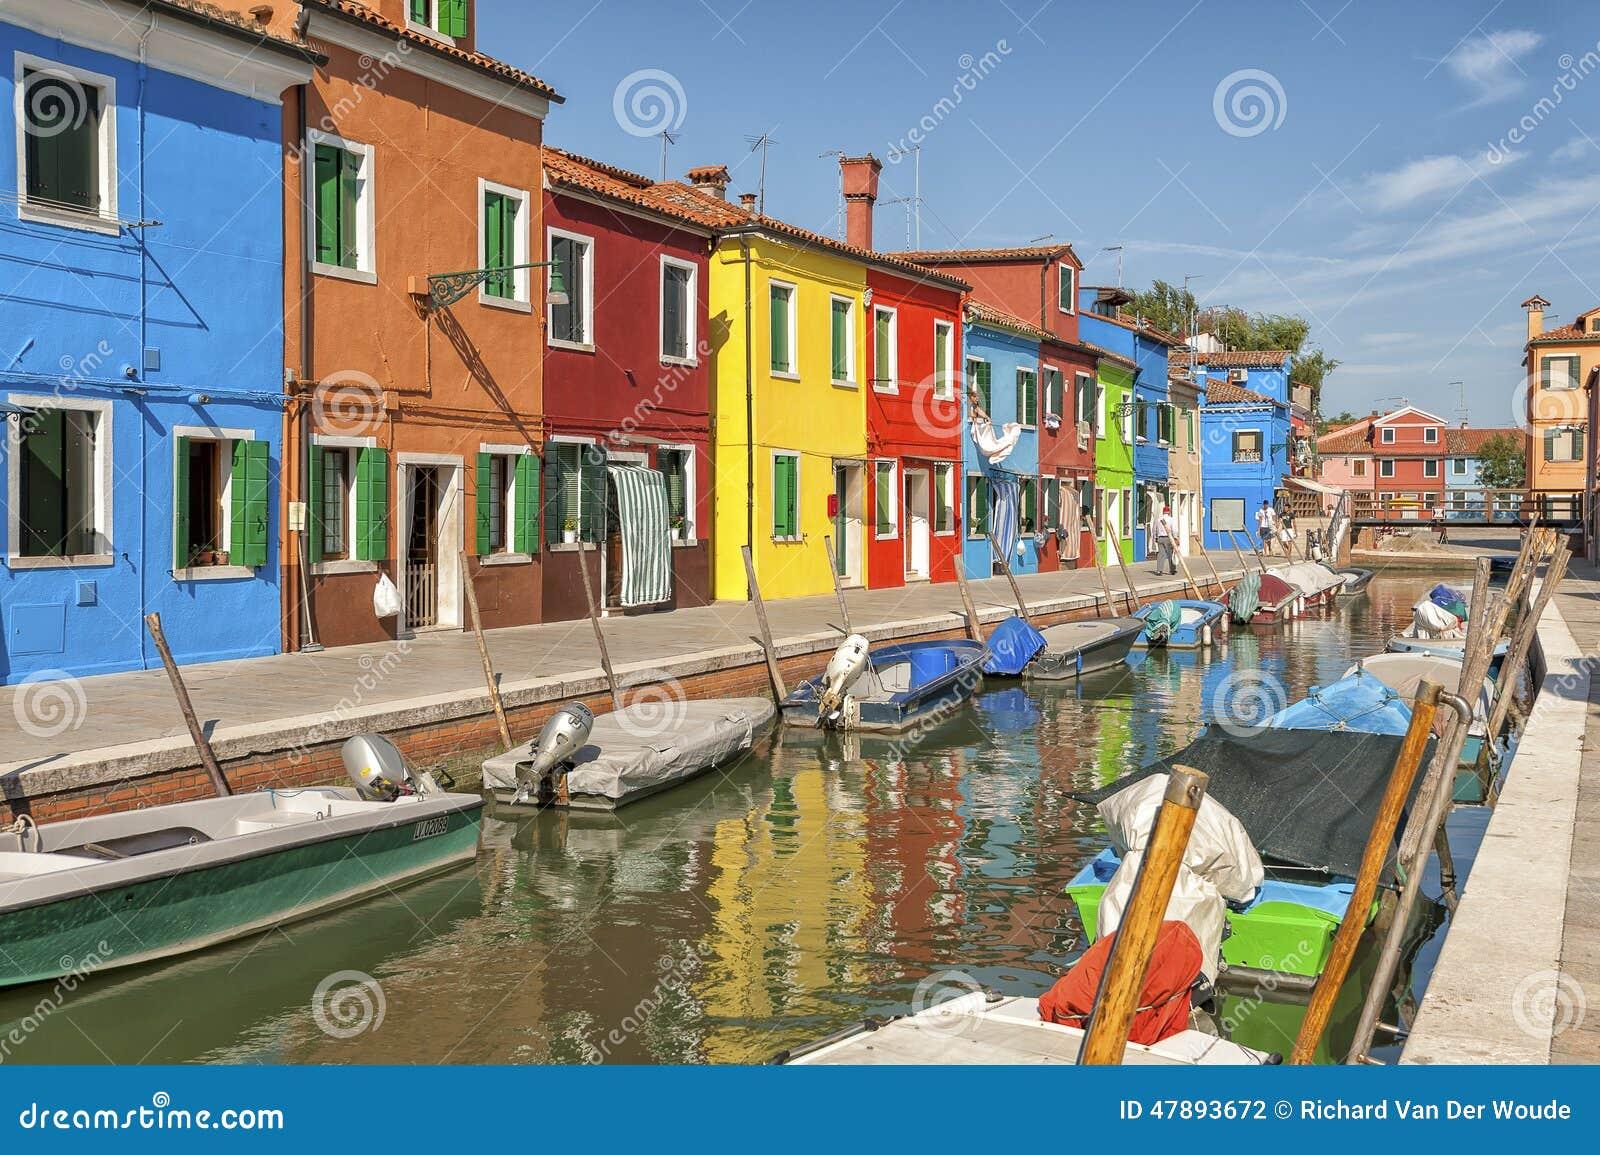 Häuser Italien bunte häuser und kanal auf burano insel nahe venedig italien